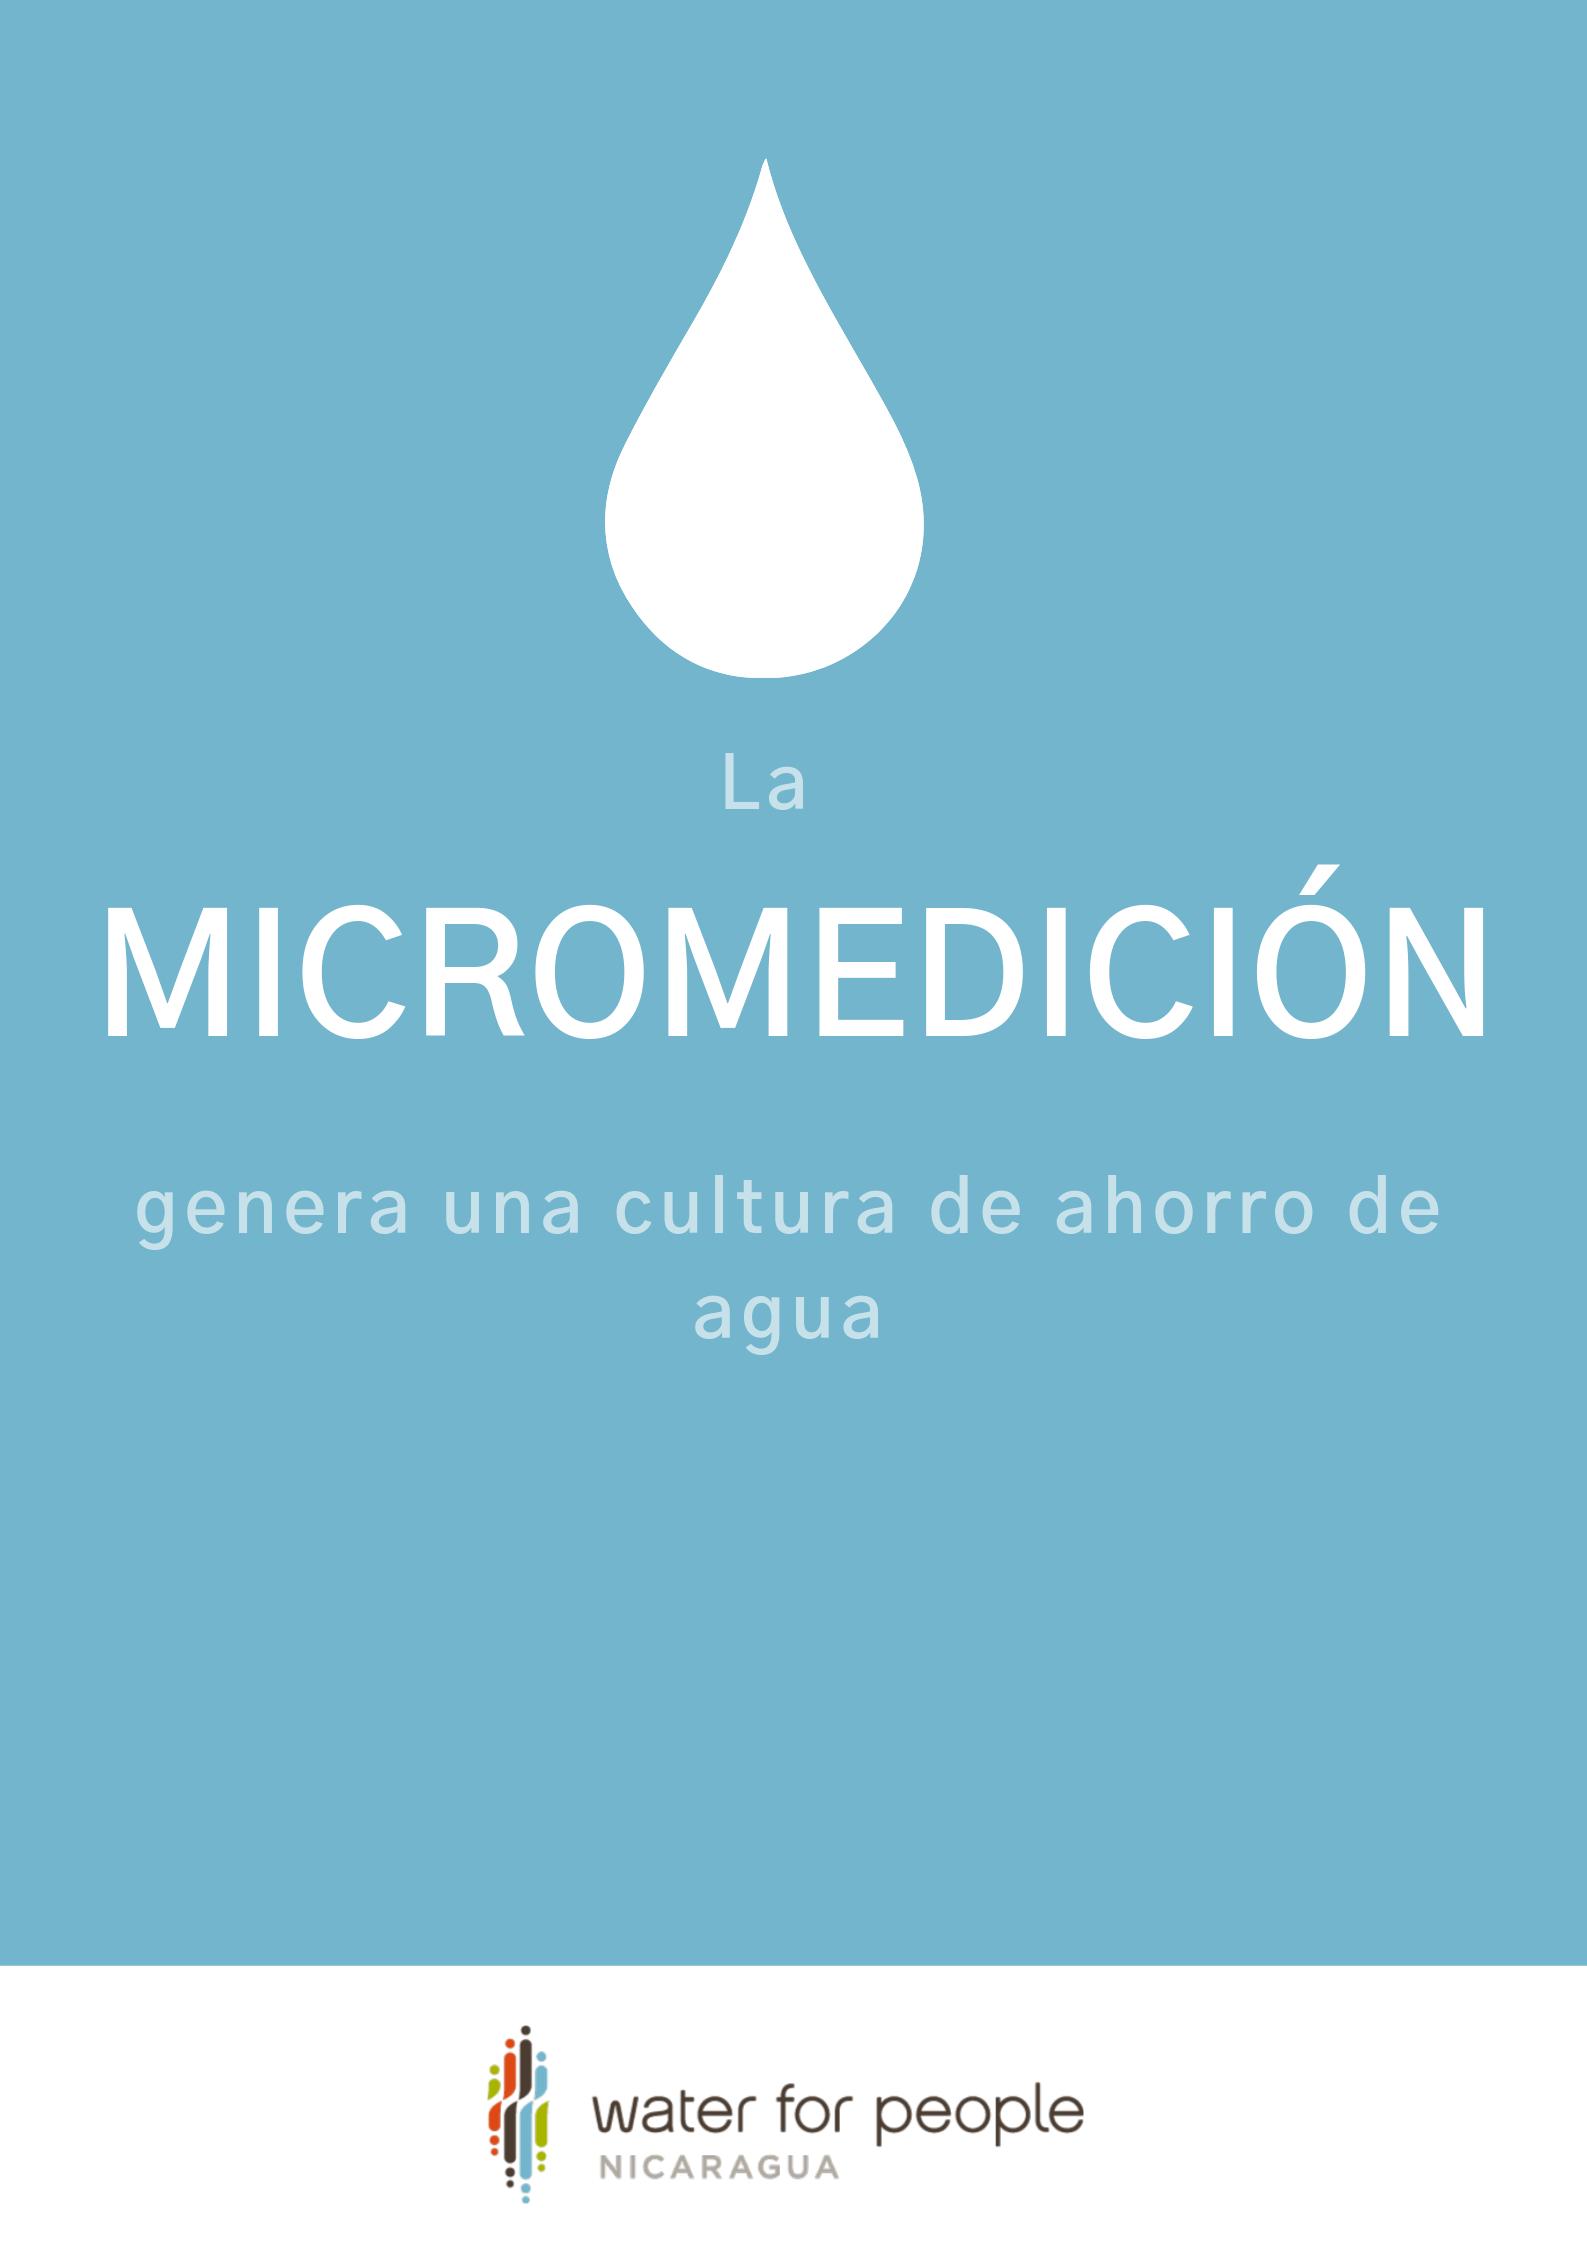 La Micromedición ahorro